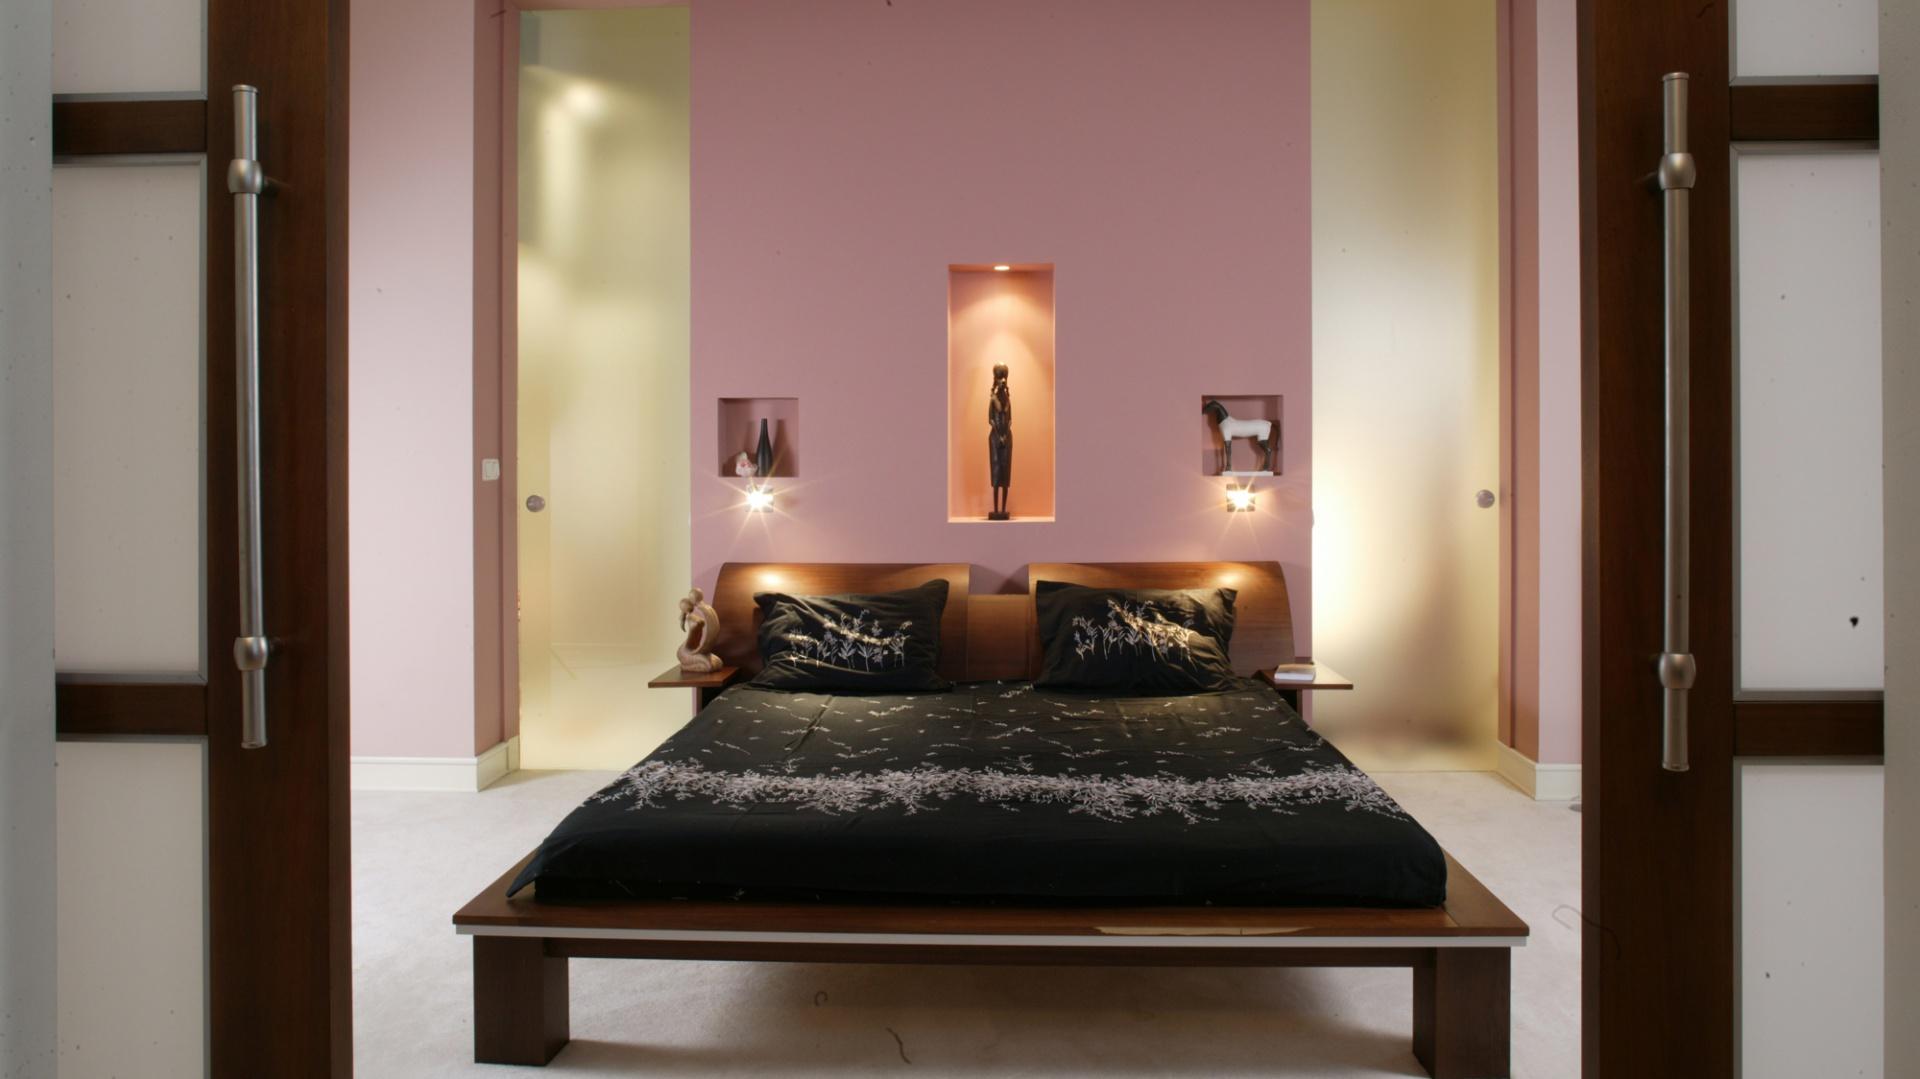 Nad zagłówkami łóżka wykonano we wnęce trzy półki. Największa jest oświetlona w środku, a pod mniejszymi zamontowano maleńkie lampki.